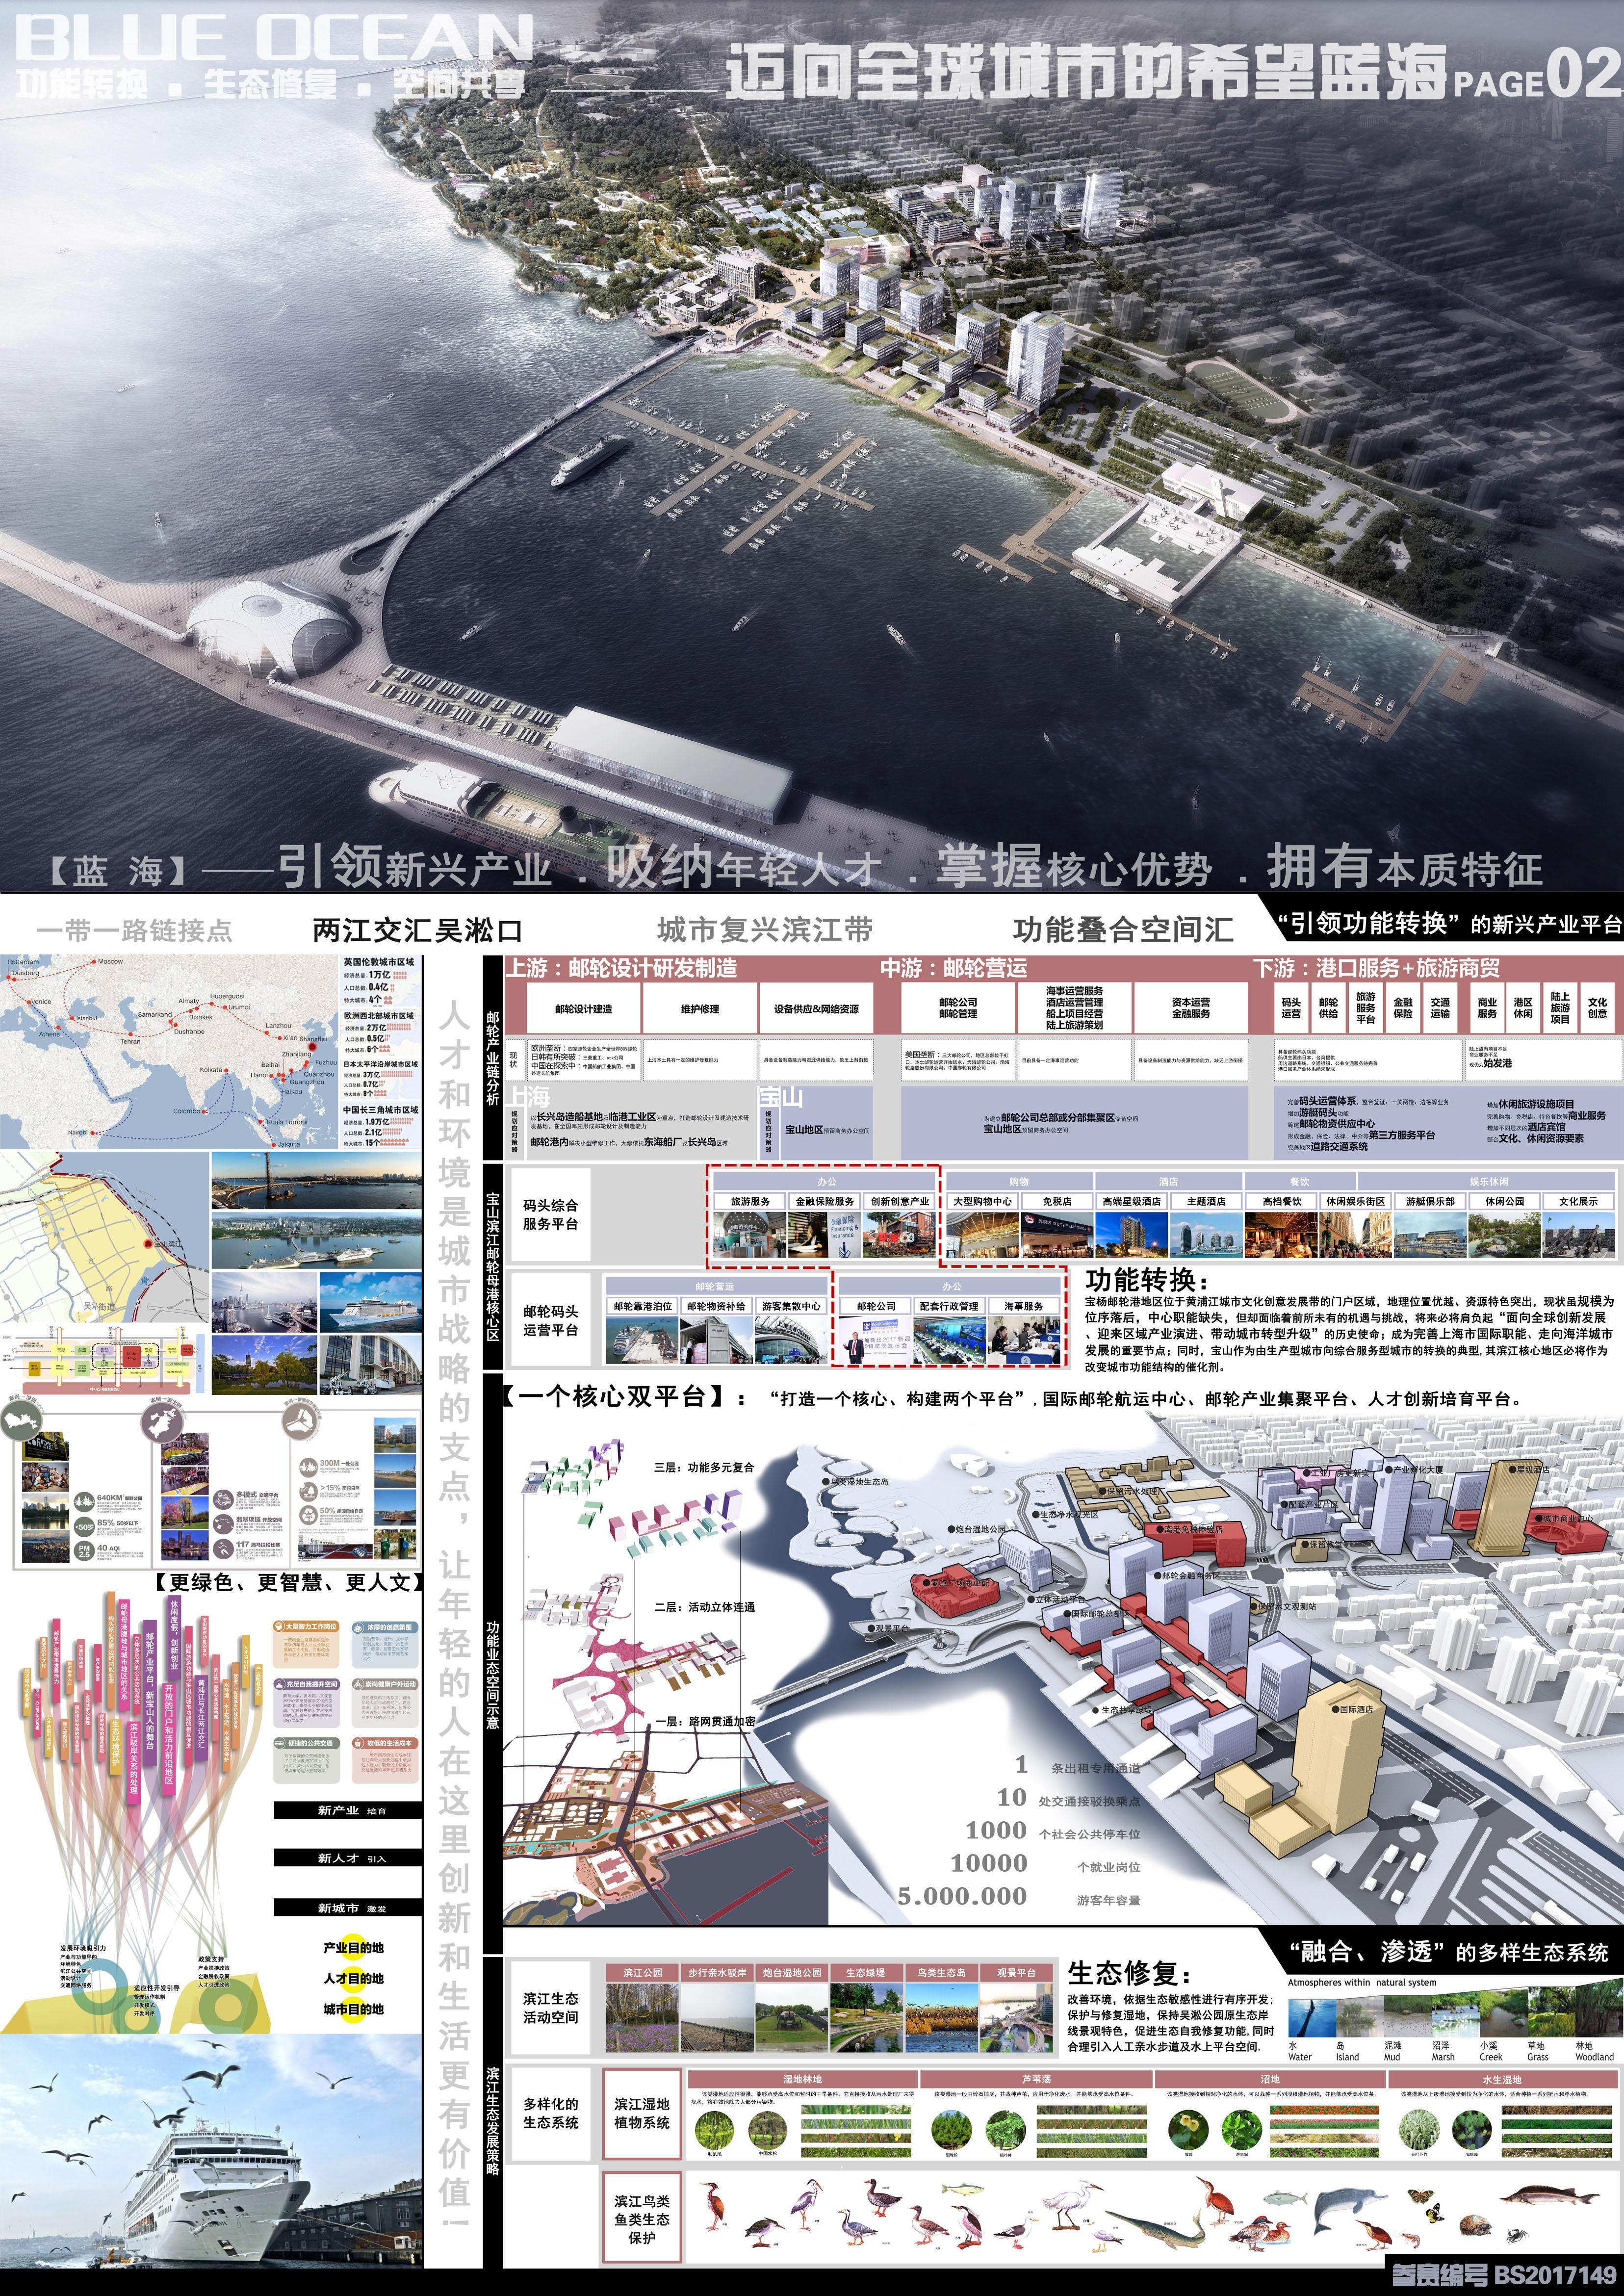 替换BS2017149-Blue Ocean 迈向全球城市的希望蓝海-2.jpg